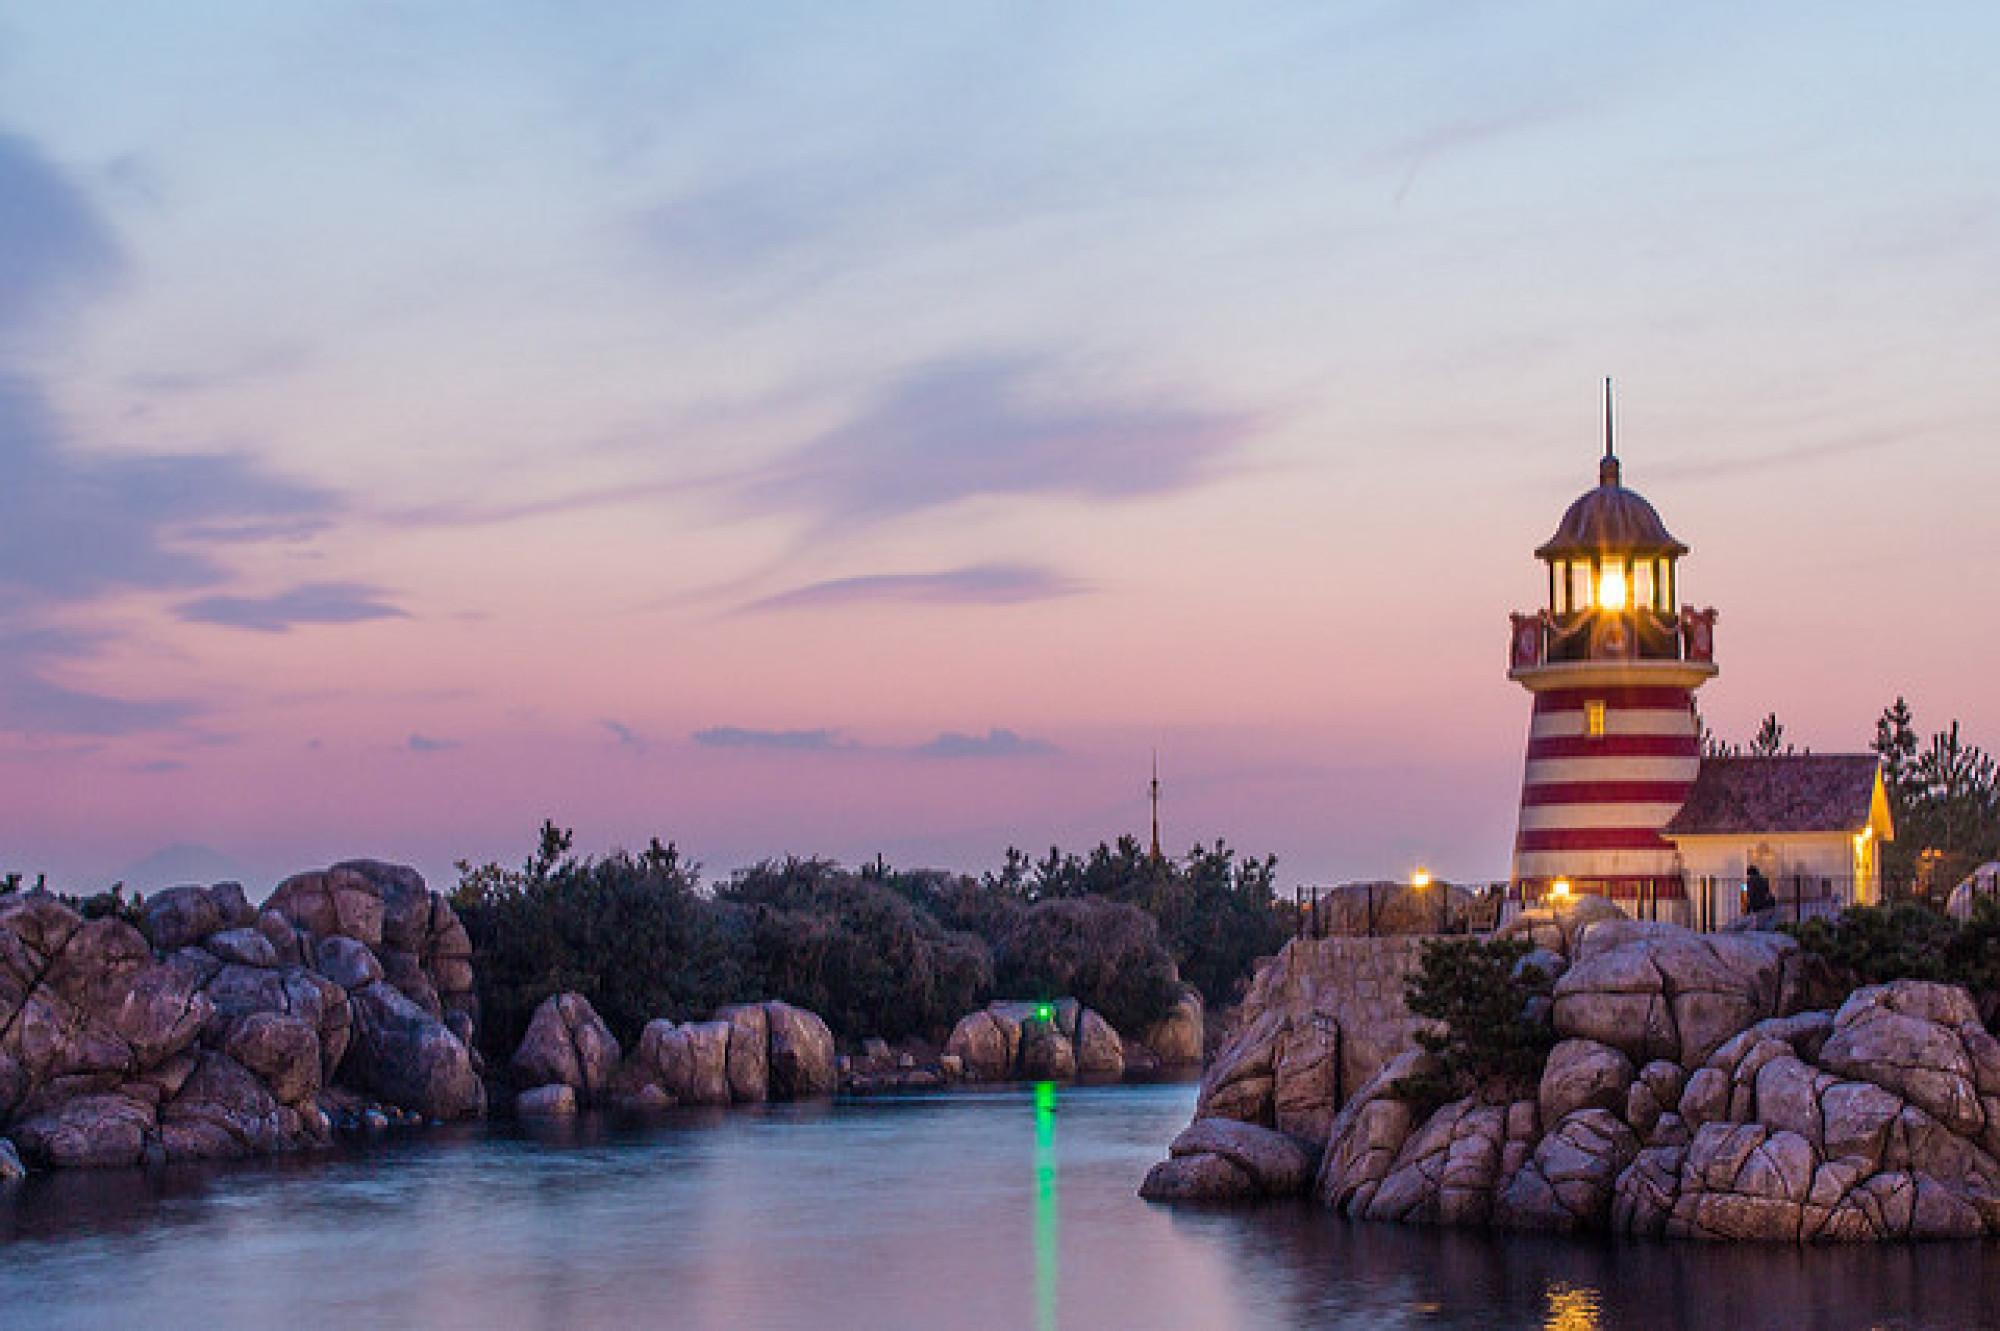 夕暮れ時の灯台が幻想的なケープ・コッド